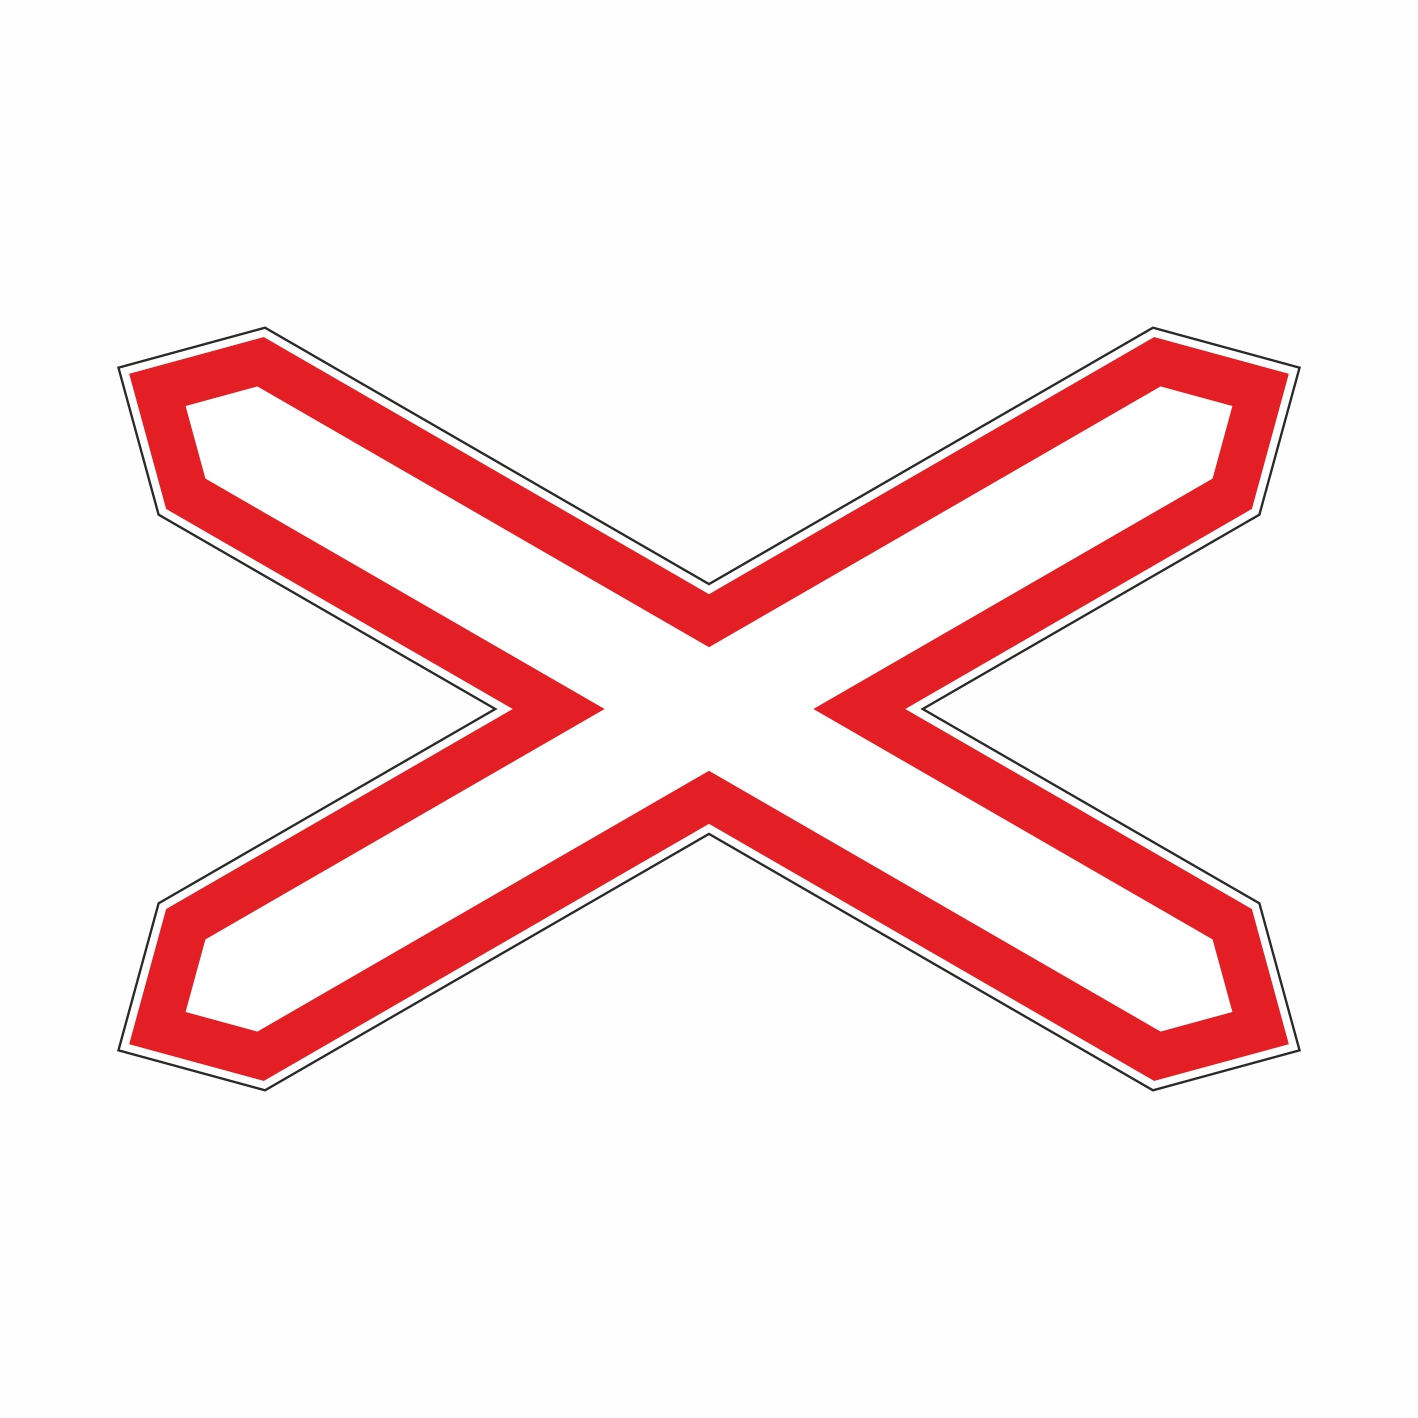 Знак однопутная железная дорога 1.3.1